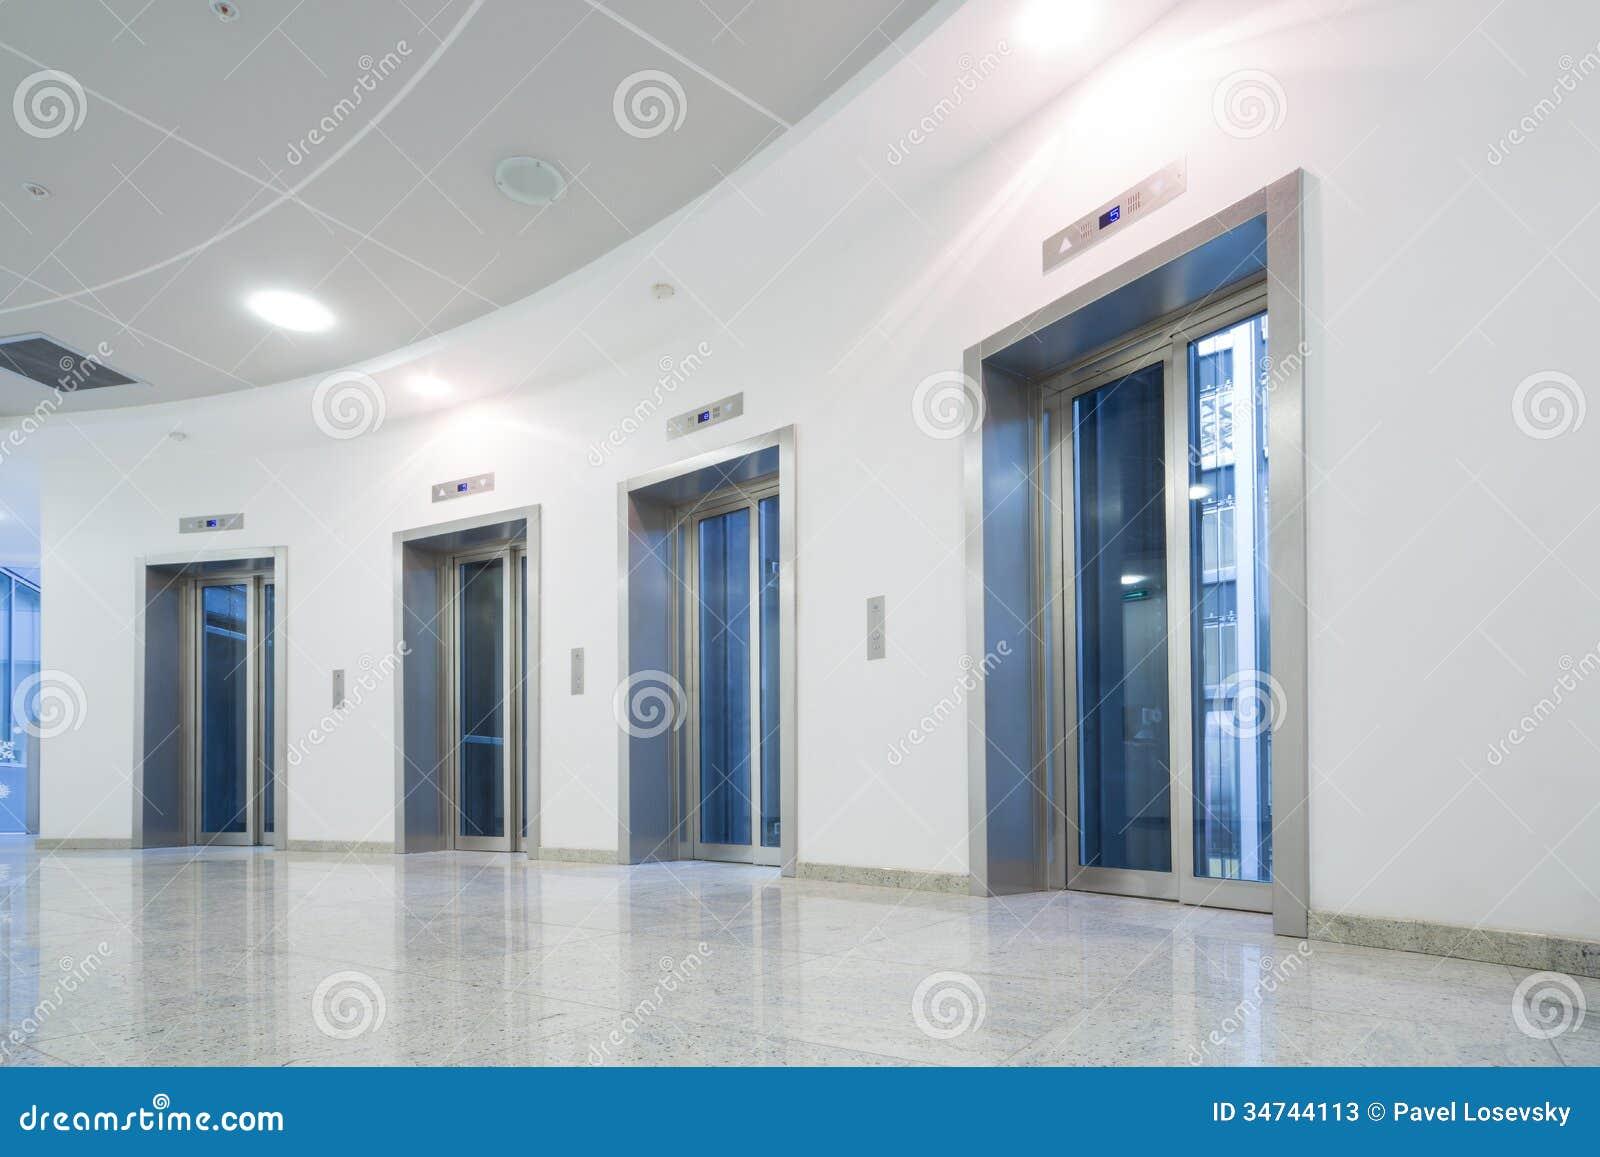 Glass Elevator Door In The Business Building Stock Image